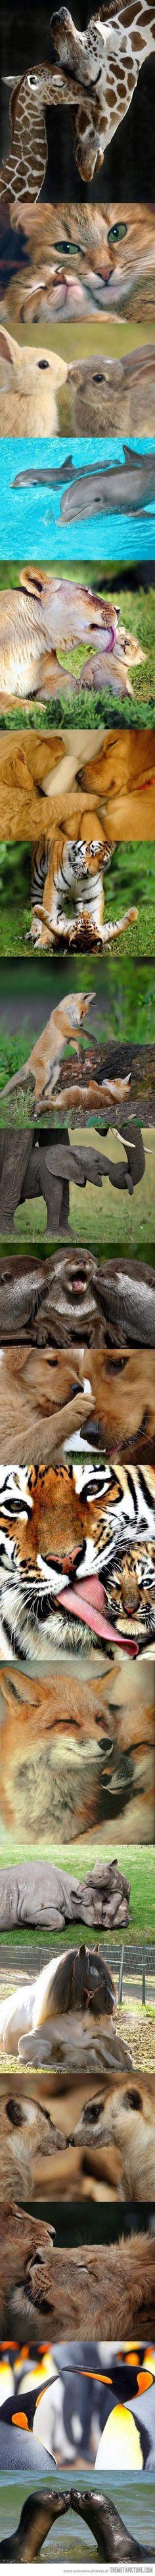 Kiss kiss!  Animal kingdom kisses…